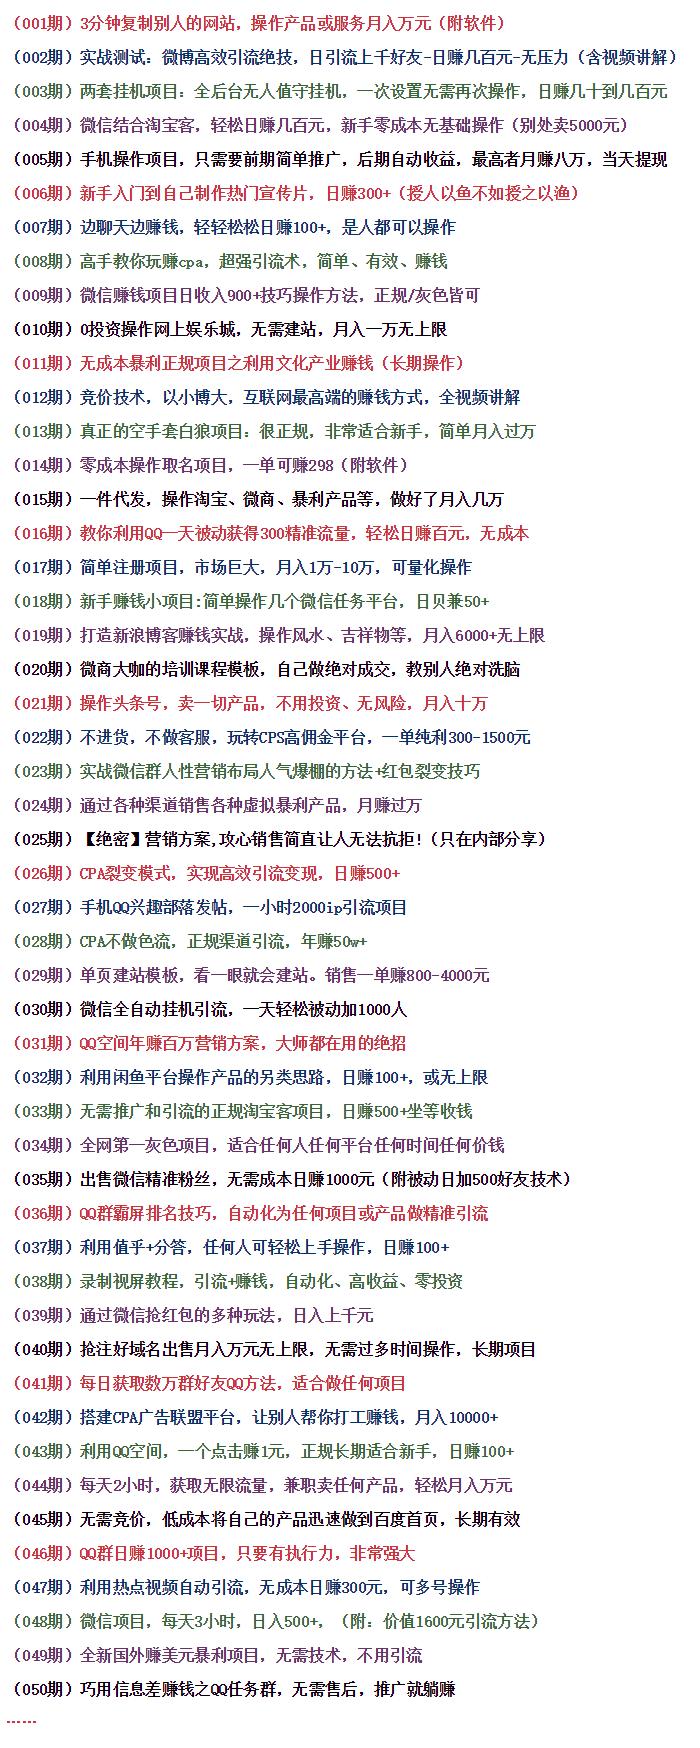 网络赚钱,如何赚钱,赚钱项目_星光网_chengweihuiyuan/1006